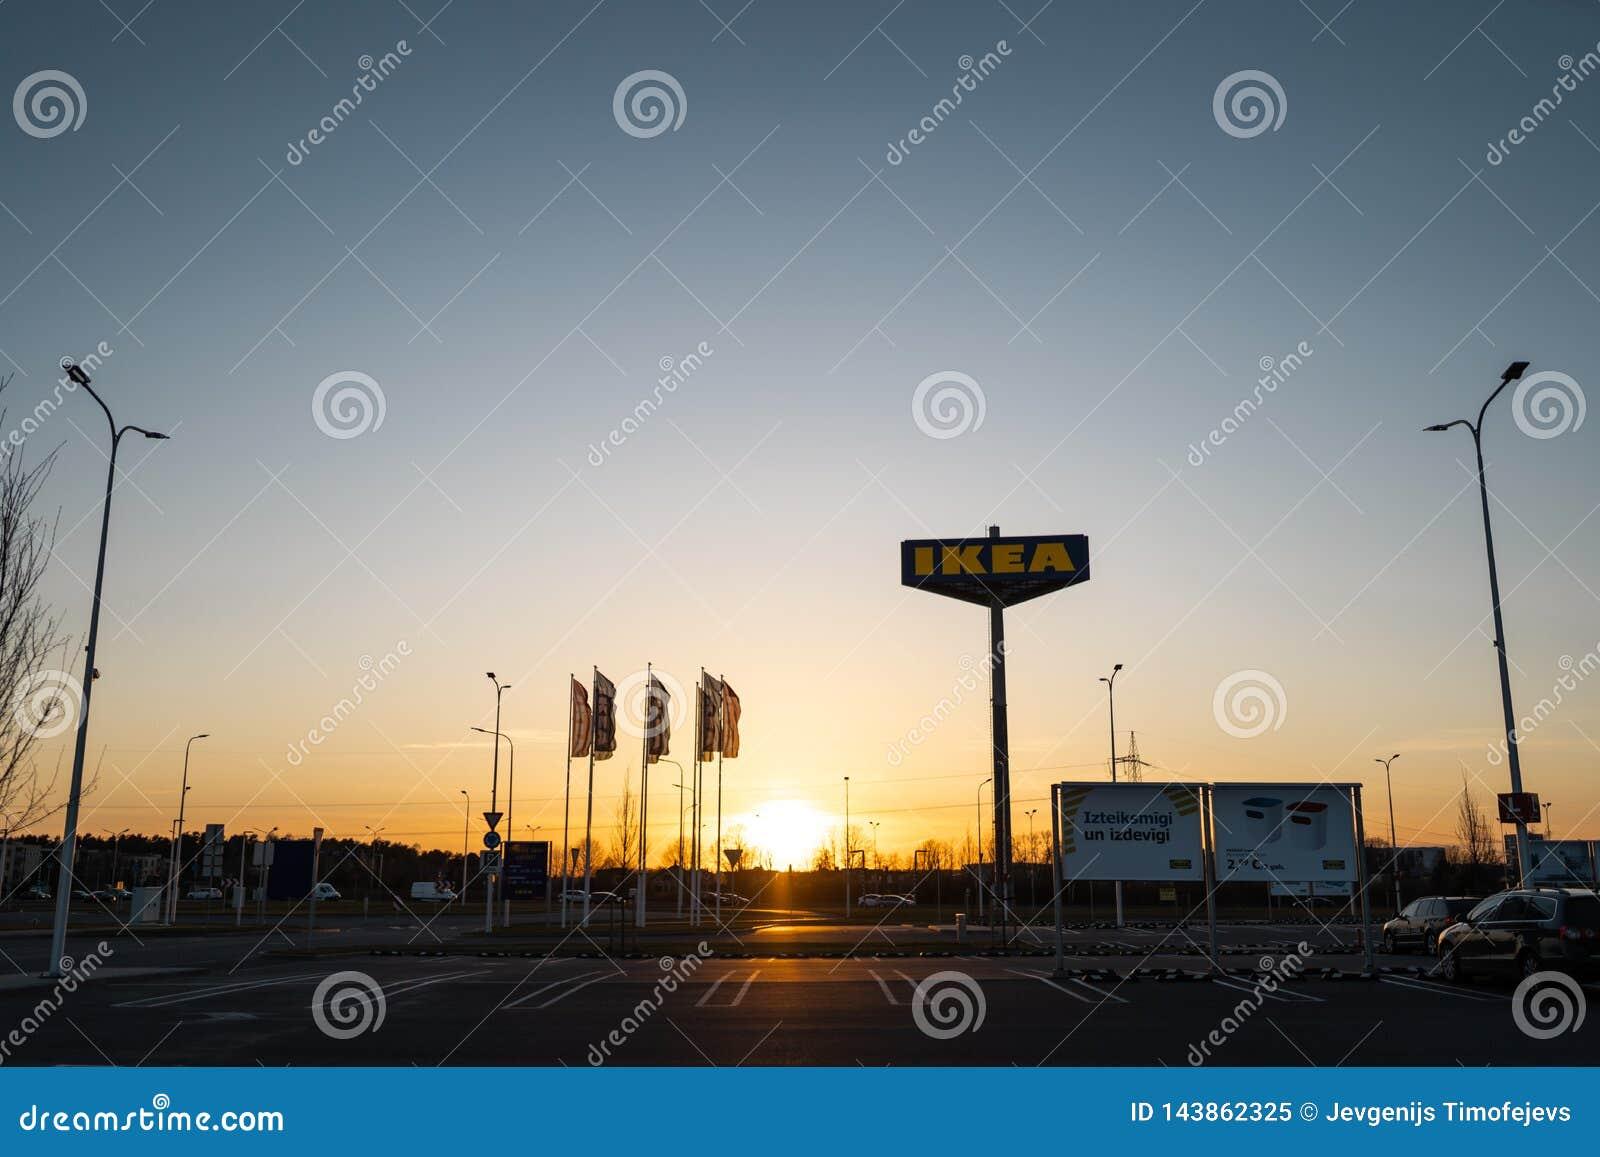 RIGA, LETONIA - 3 DE ABRIL DE 2019: Muestra de la marca de IKEA durante la tarde oscura y viento - cielo azul en el fondo